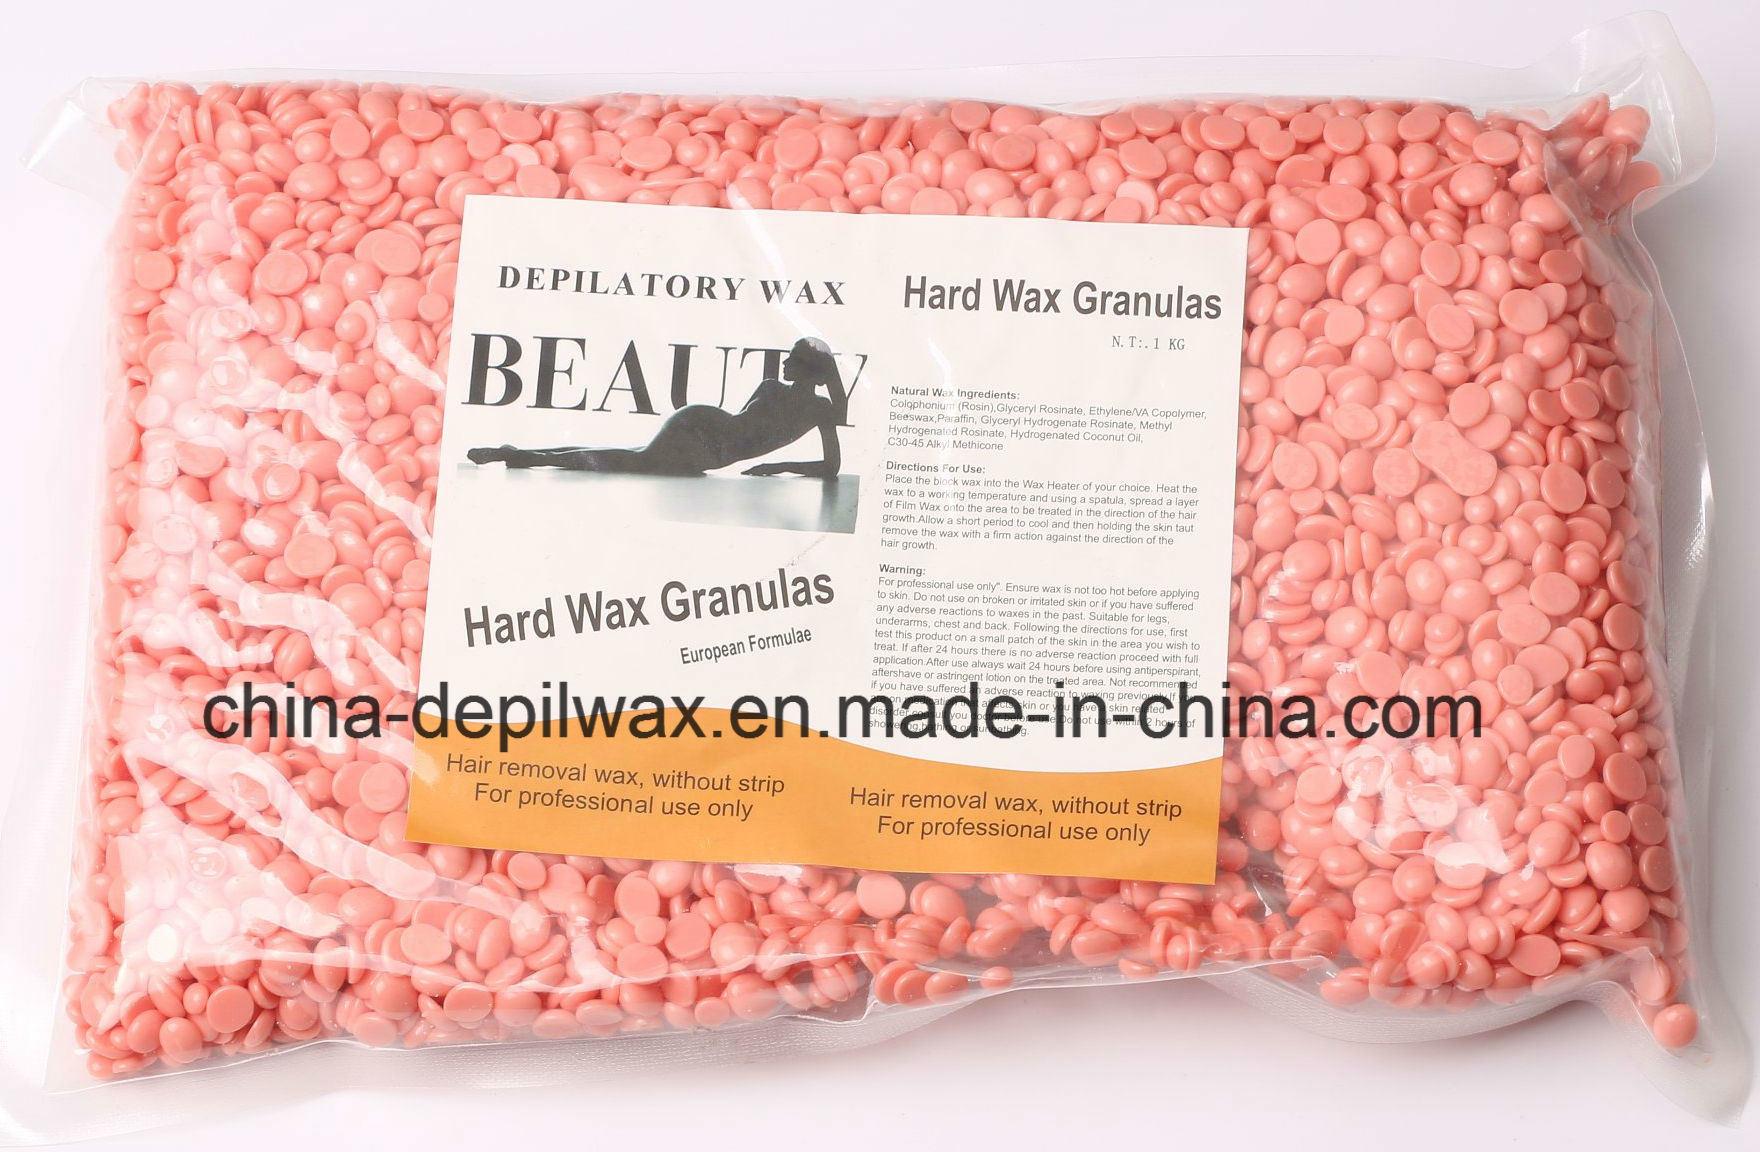 Tea Tree Hard Wax Pellets Depilatory Wax for Bikini Waxing